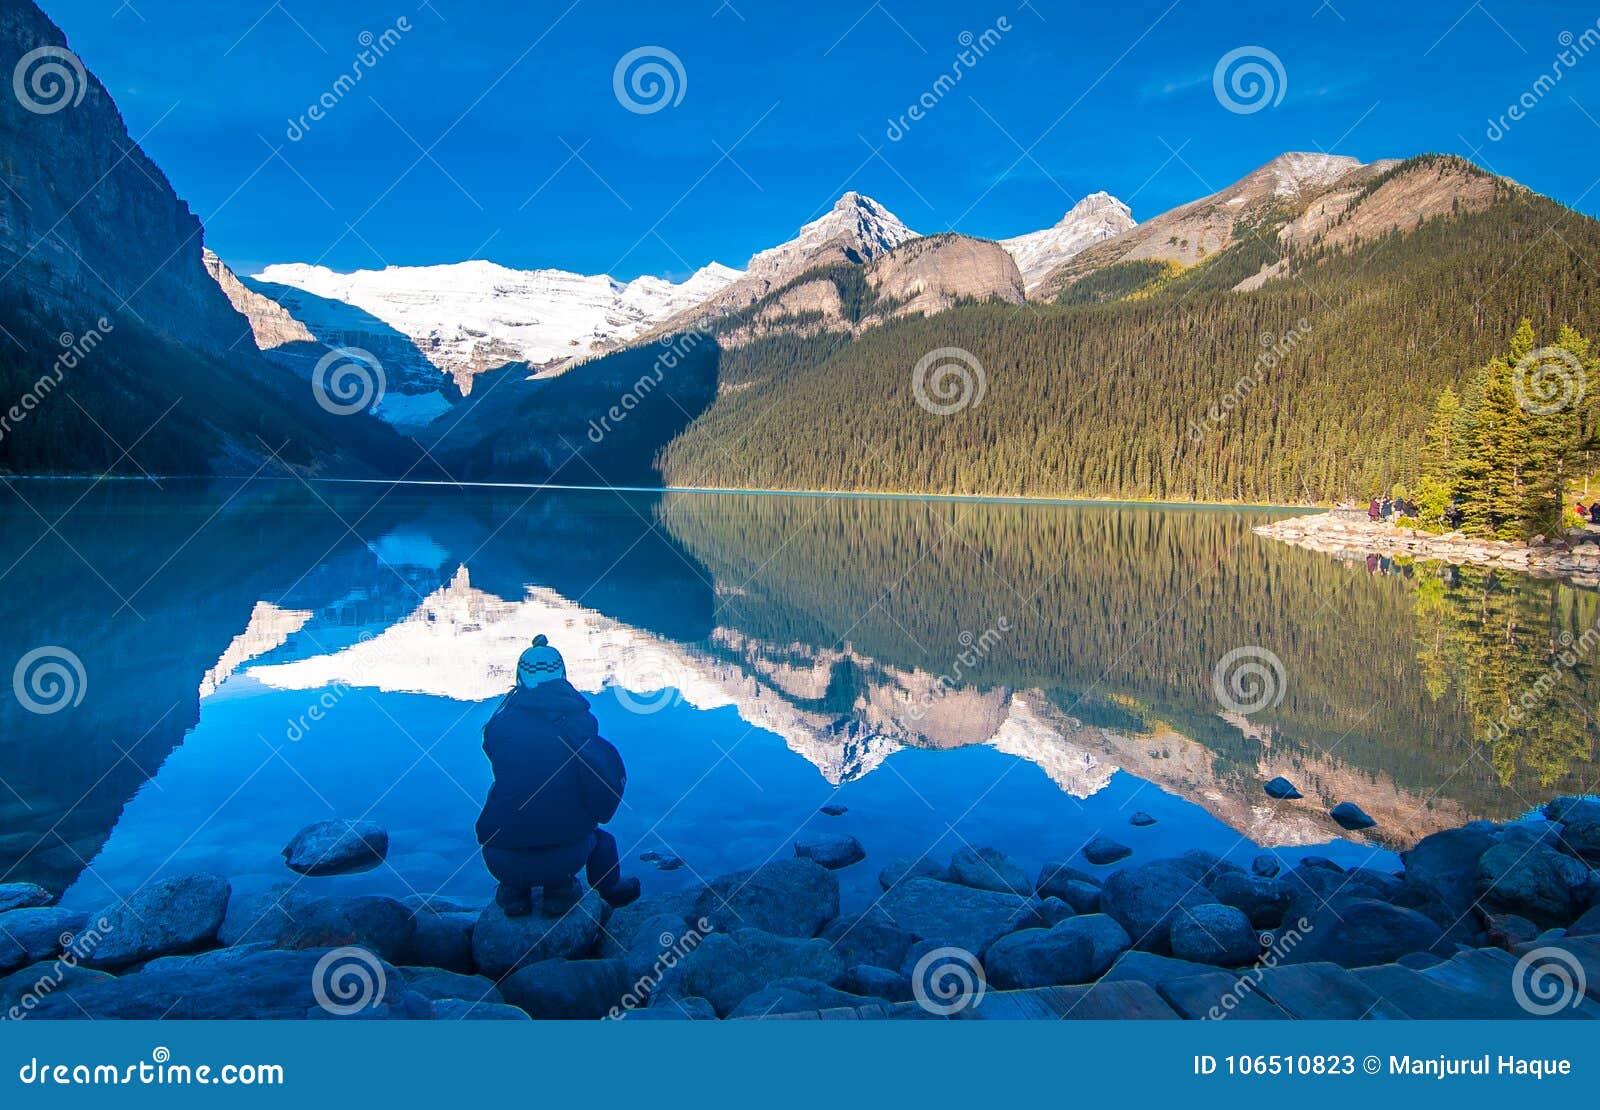 Девушка наслаждаясь отражением снежного дерева горы и вечнозелёного растения в воде Lake Louise